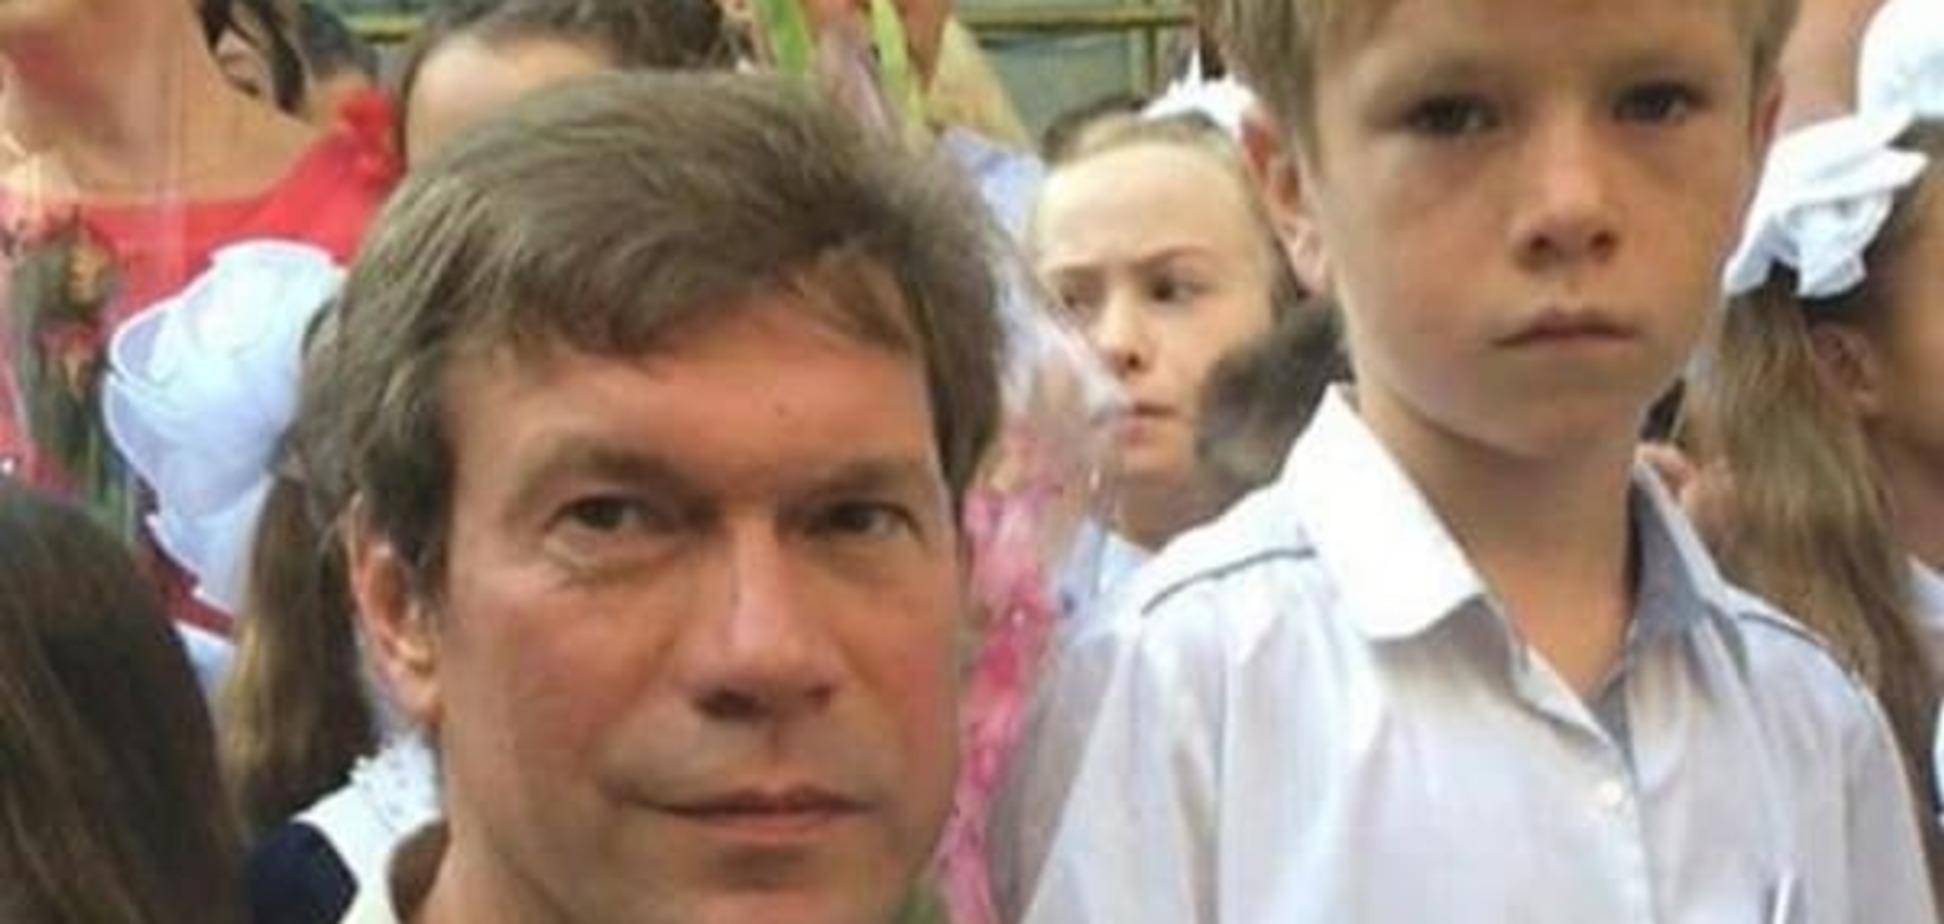 В сети затроллили фото Царева с сыном: почему школа не в 'Новороссии'?